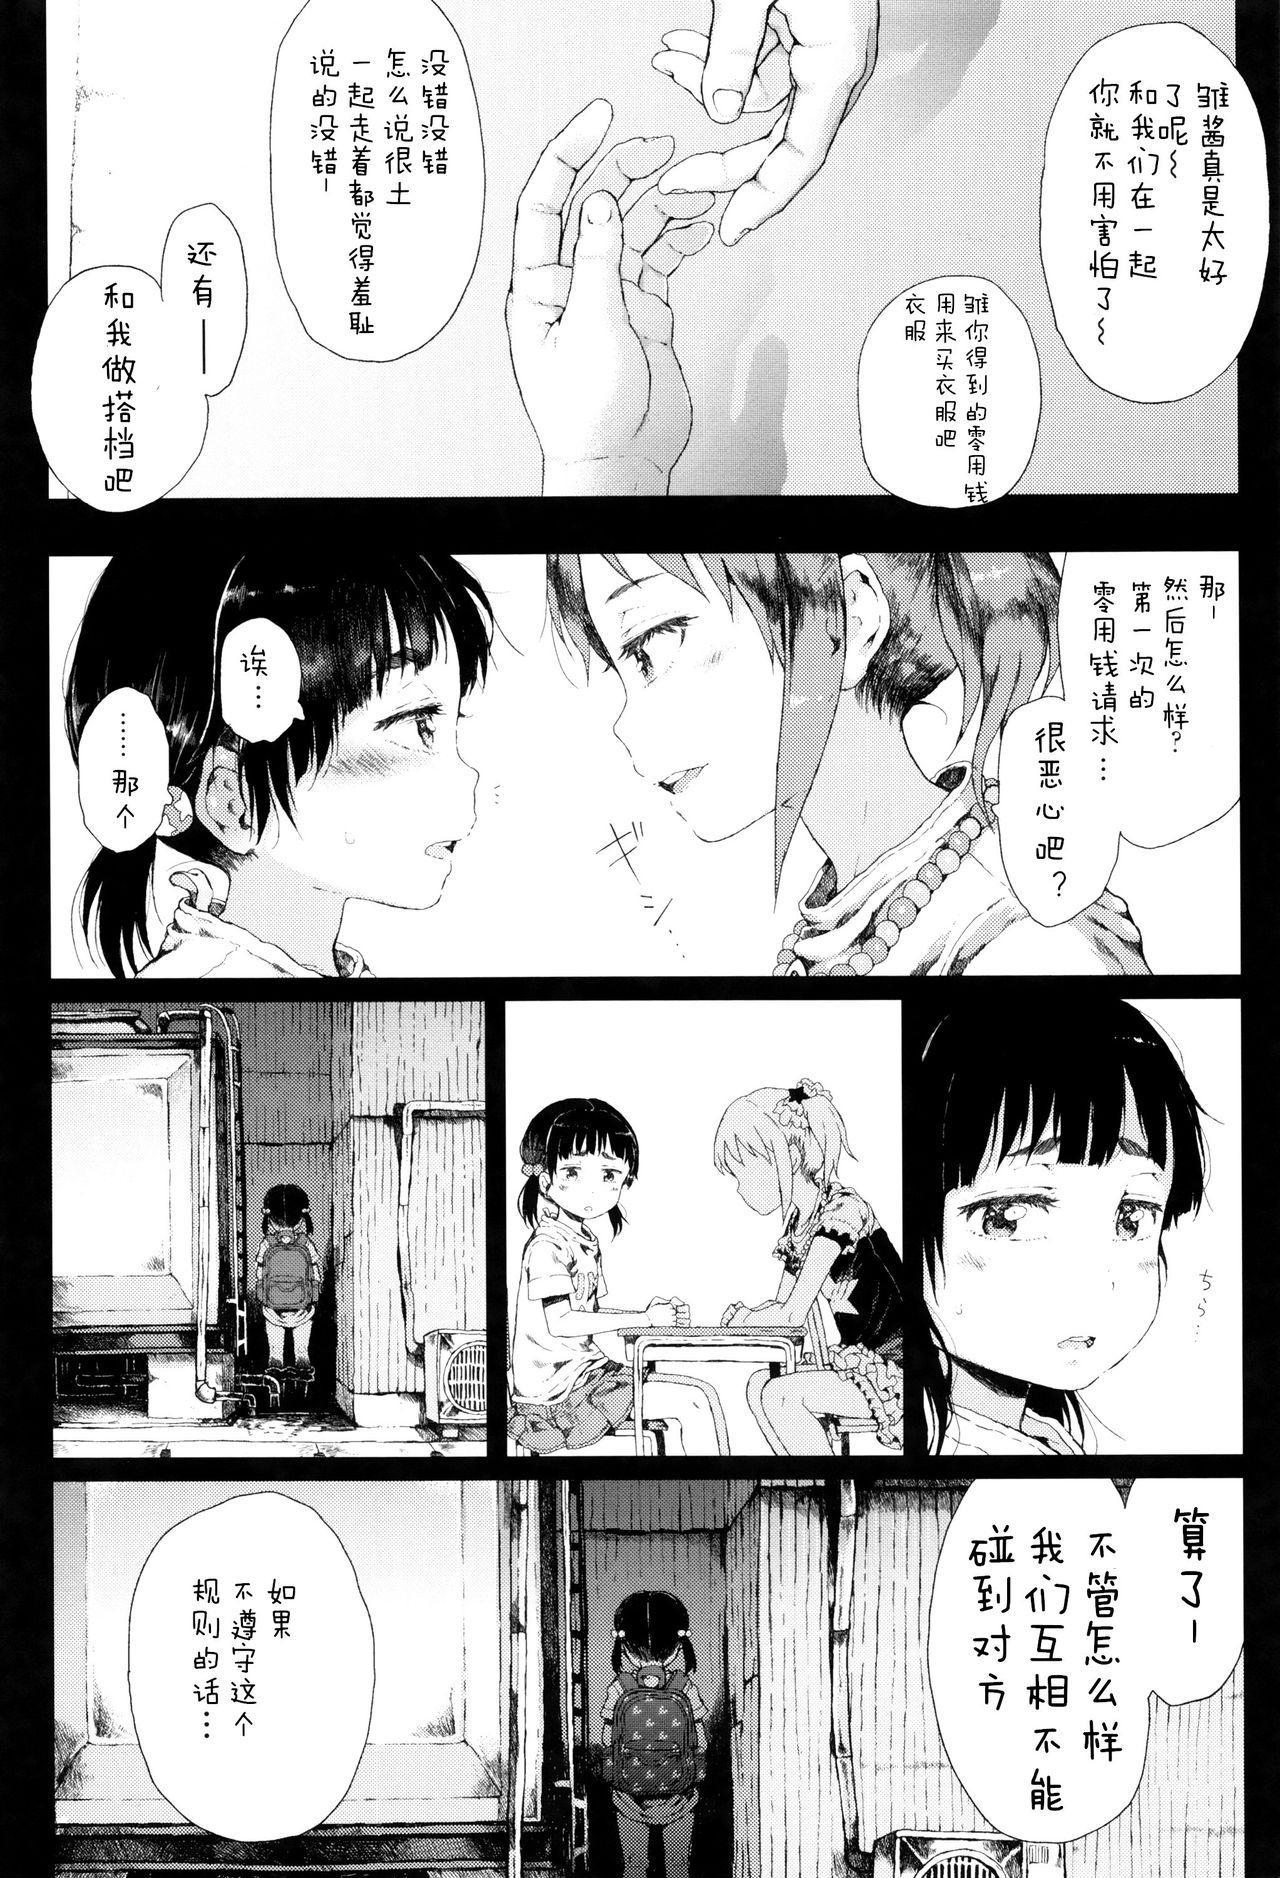 Dakara Kami-sama, Boku ni shika Mienai Chiisana Koibito o Kudasai. 197